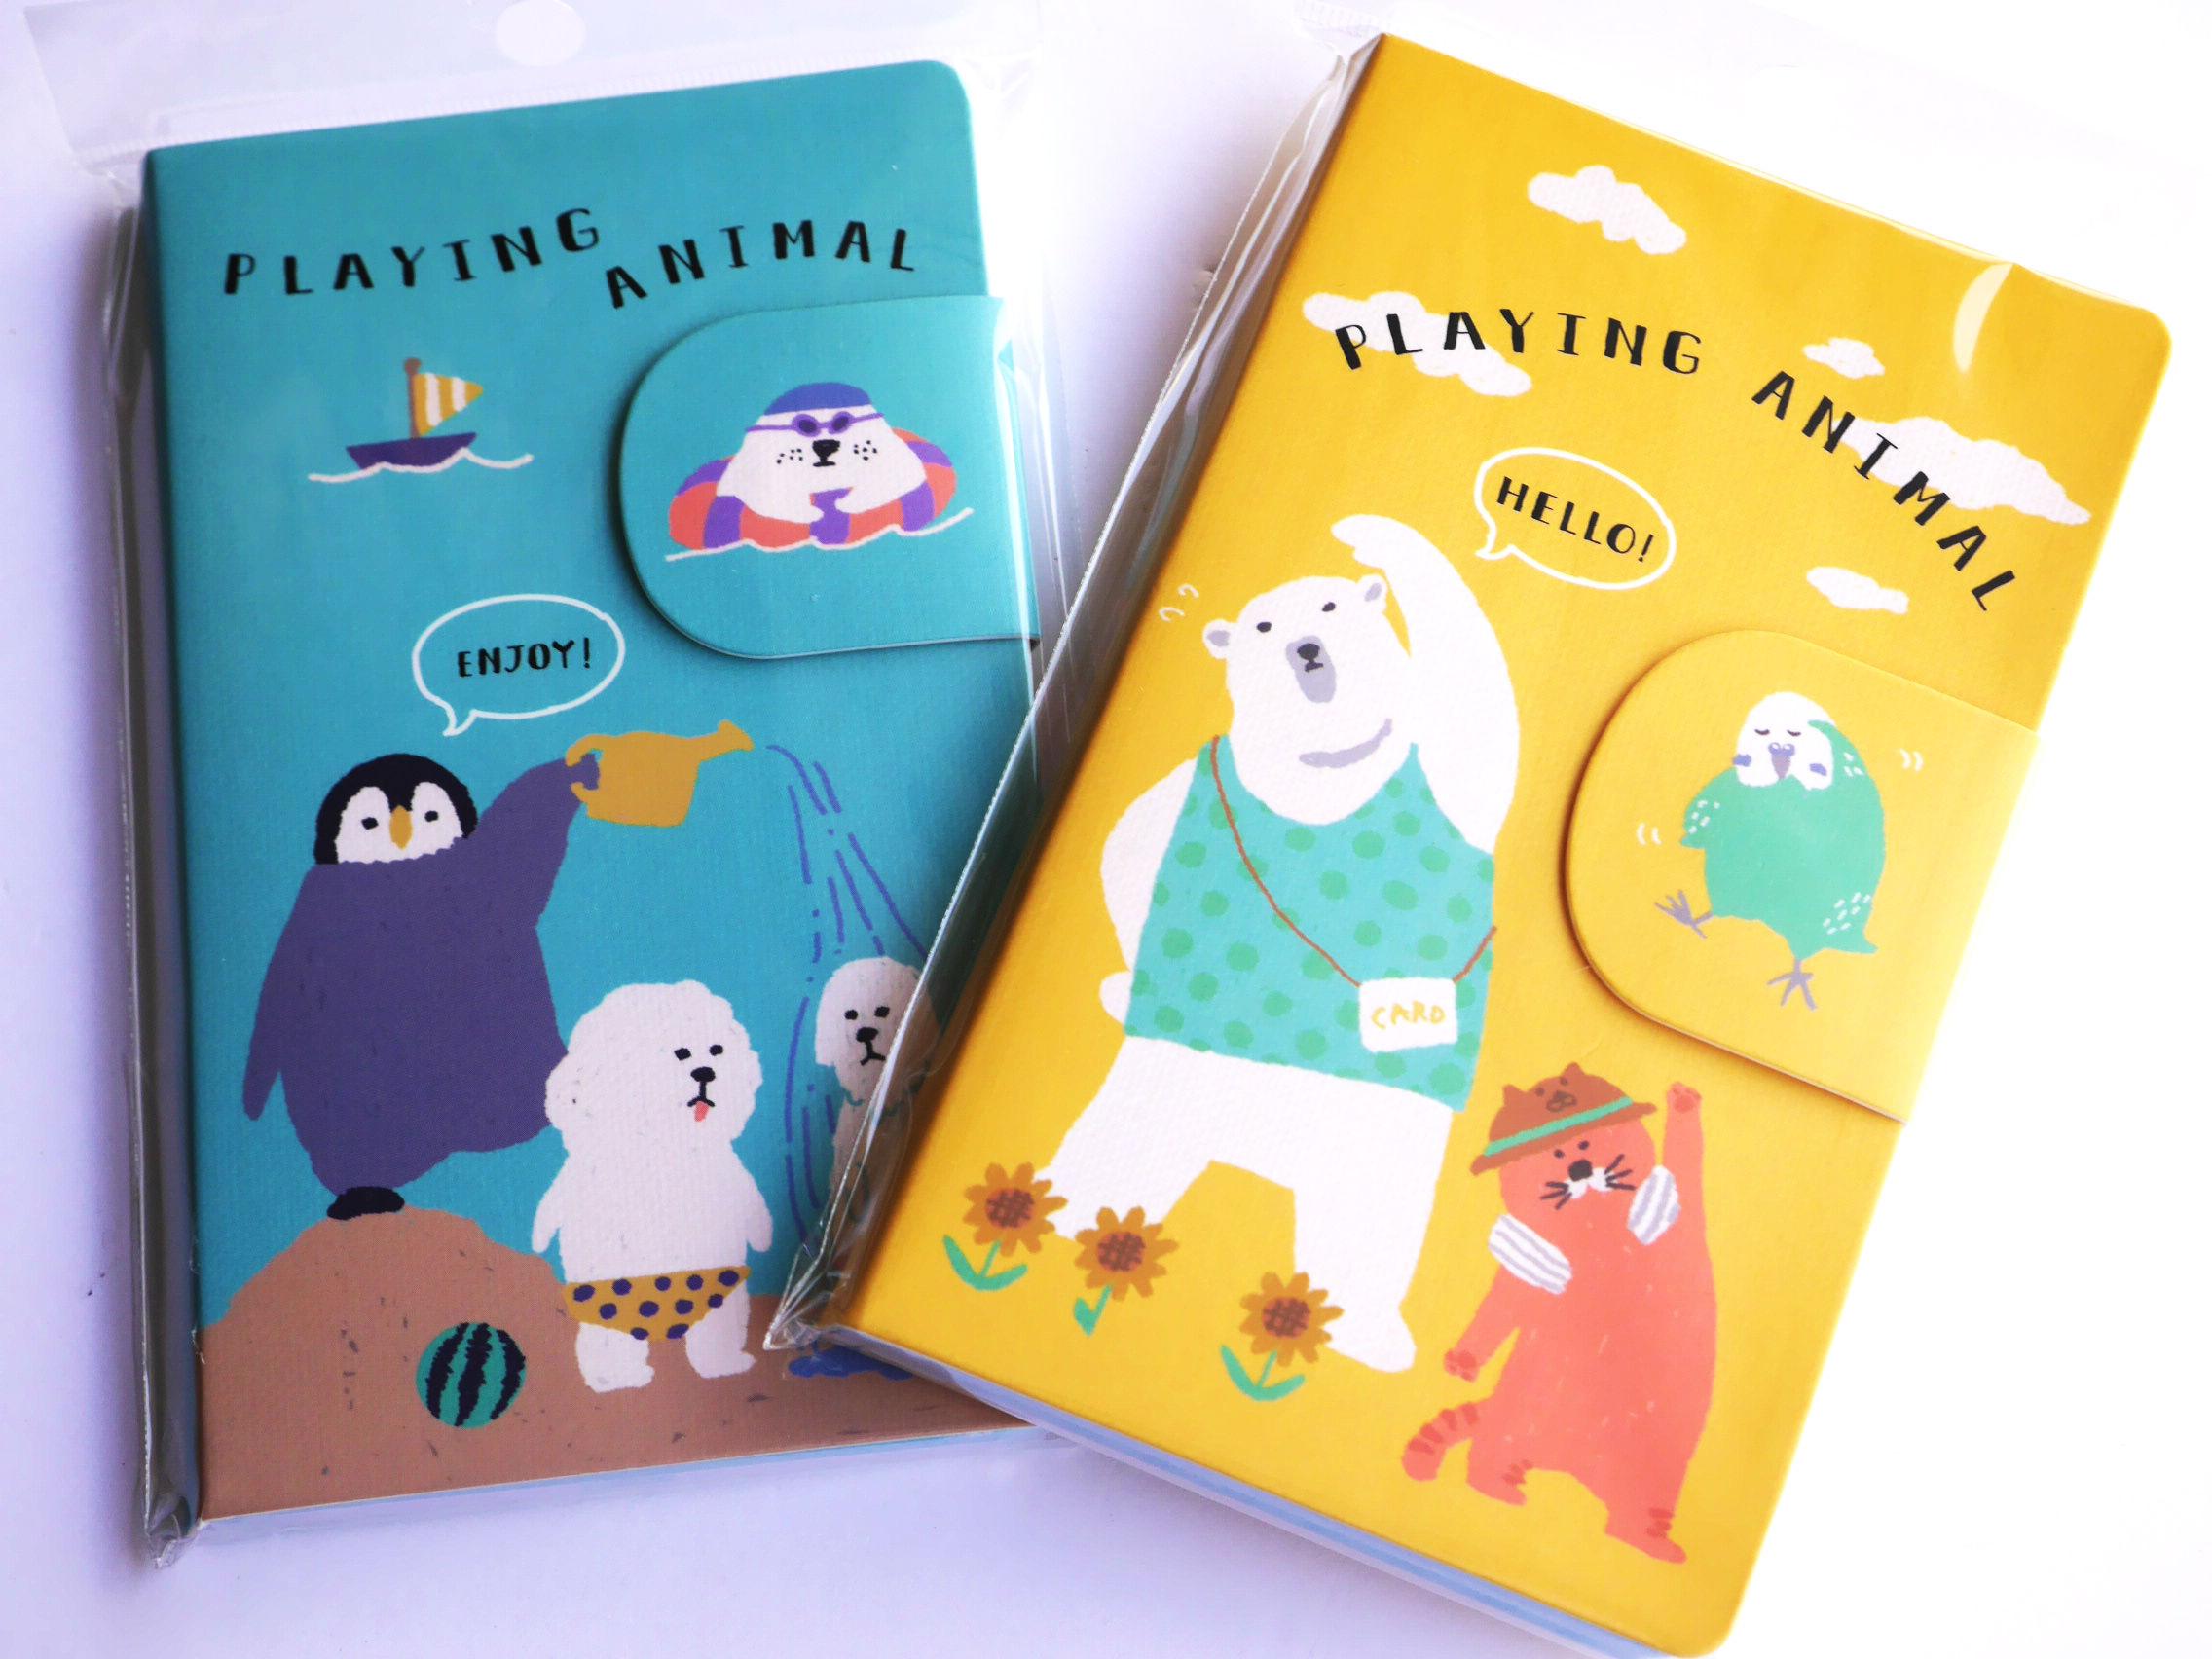 ほのぼのとした動物が描かれているメモ帳